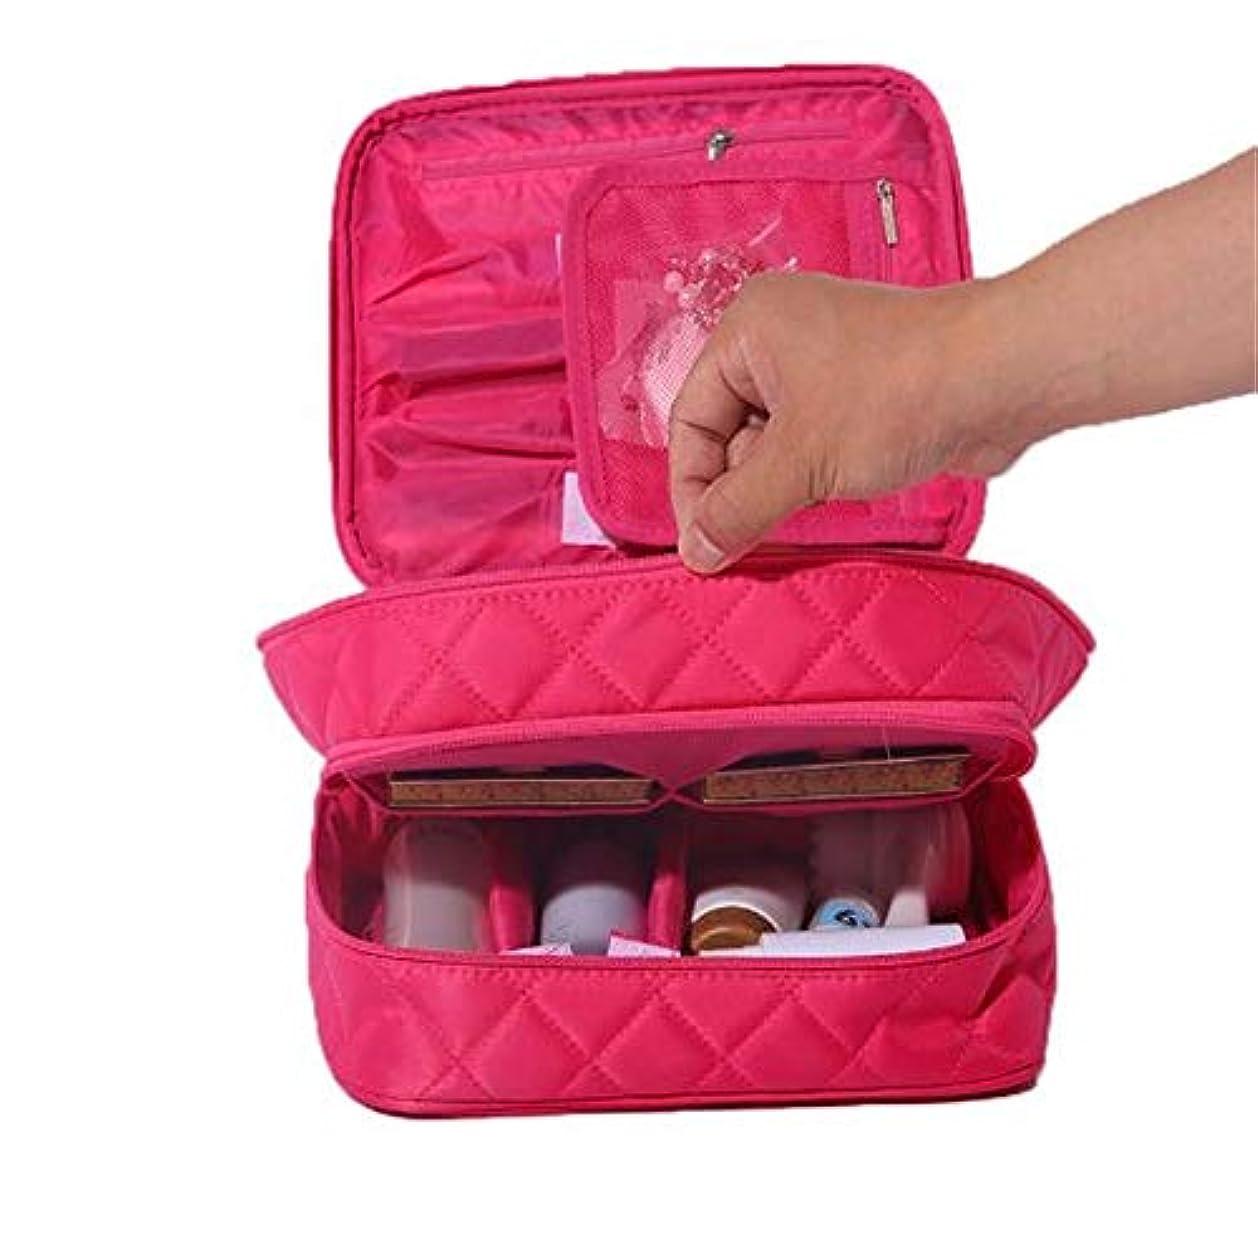 化粧オーガナイザーバッグ ポータブルトラベルレディース菱形化粧品バッグナイロンパーティション化粧ケースダブルオープンウォッシュストレージバッグミニ化粧バッグ。 化粧品ケース (色 : 赤)